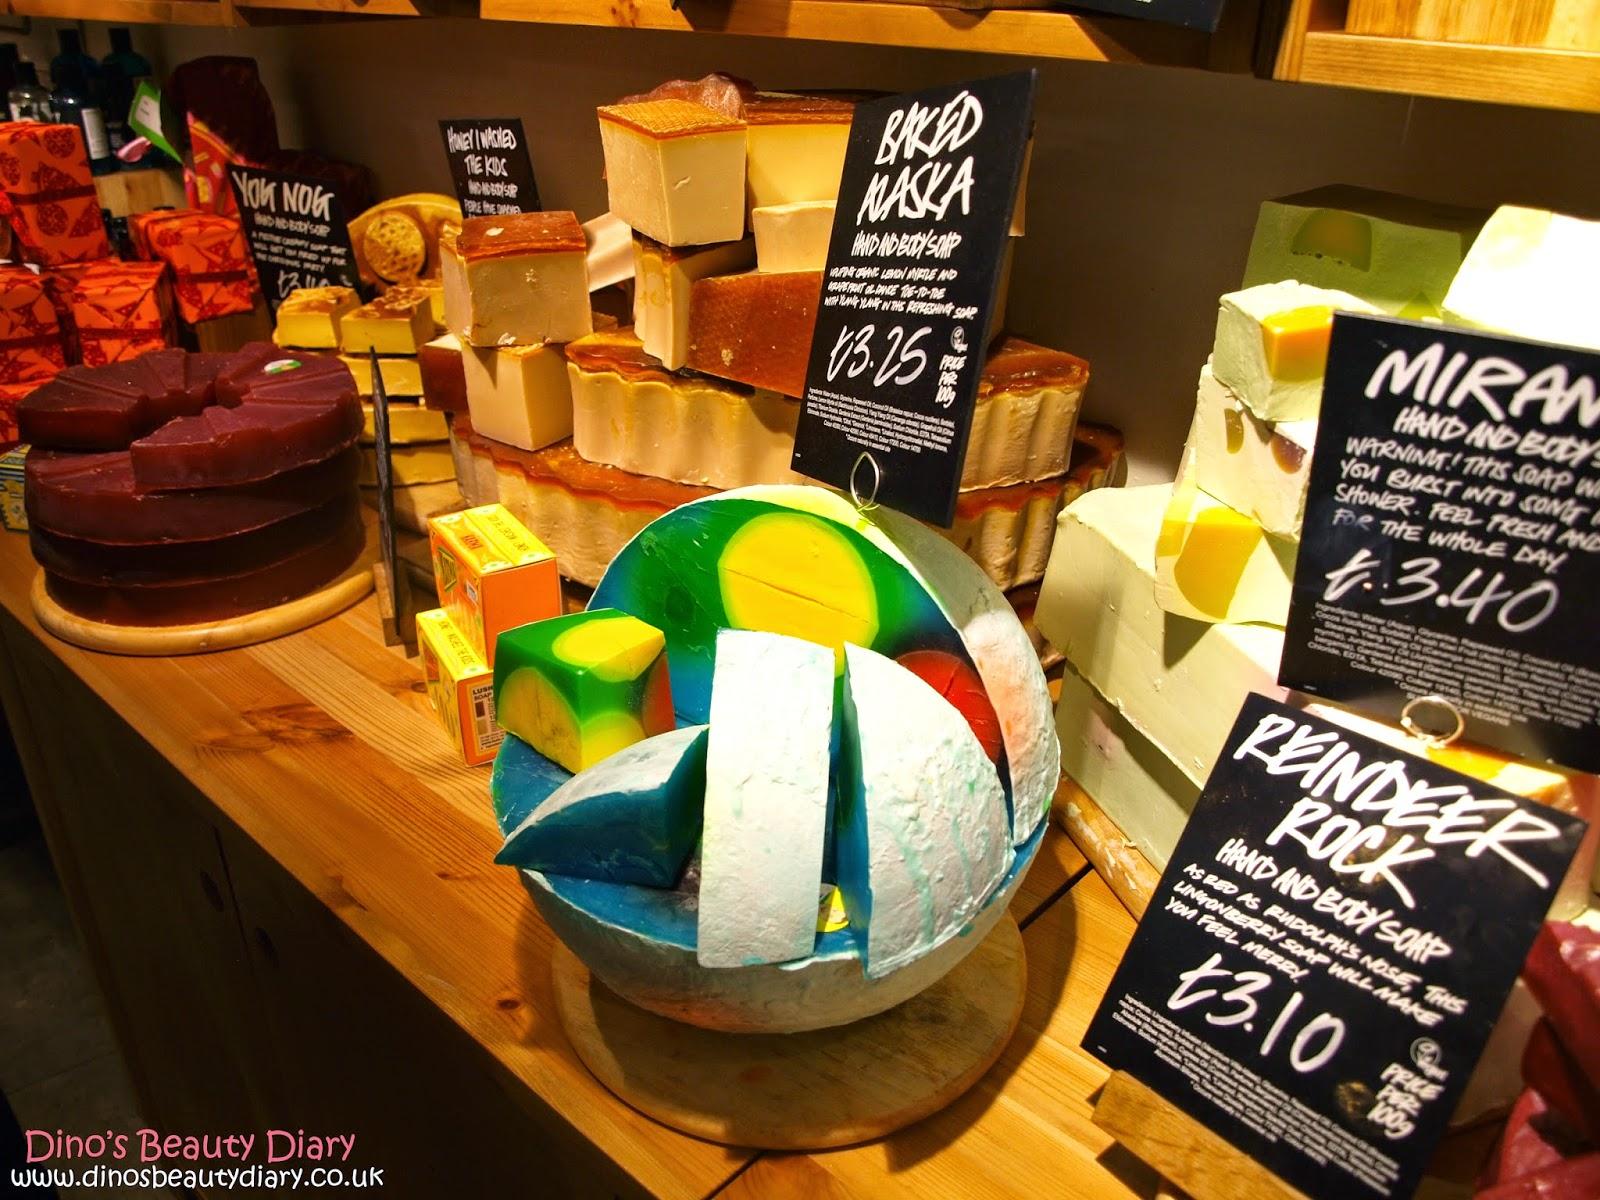 Dino's Beauty Diary - Lush Nottingham Bloggers Event - baked alaska soap